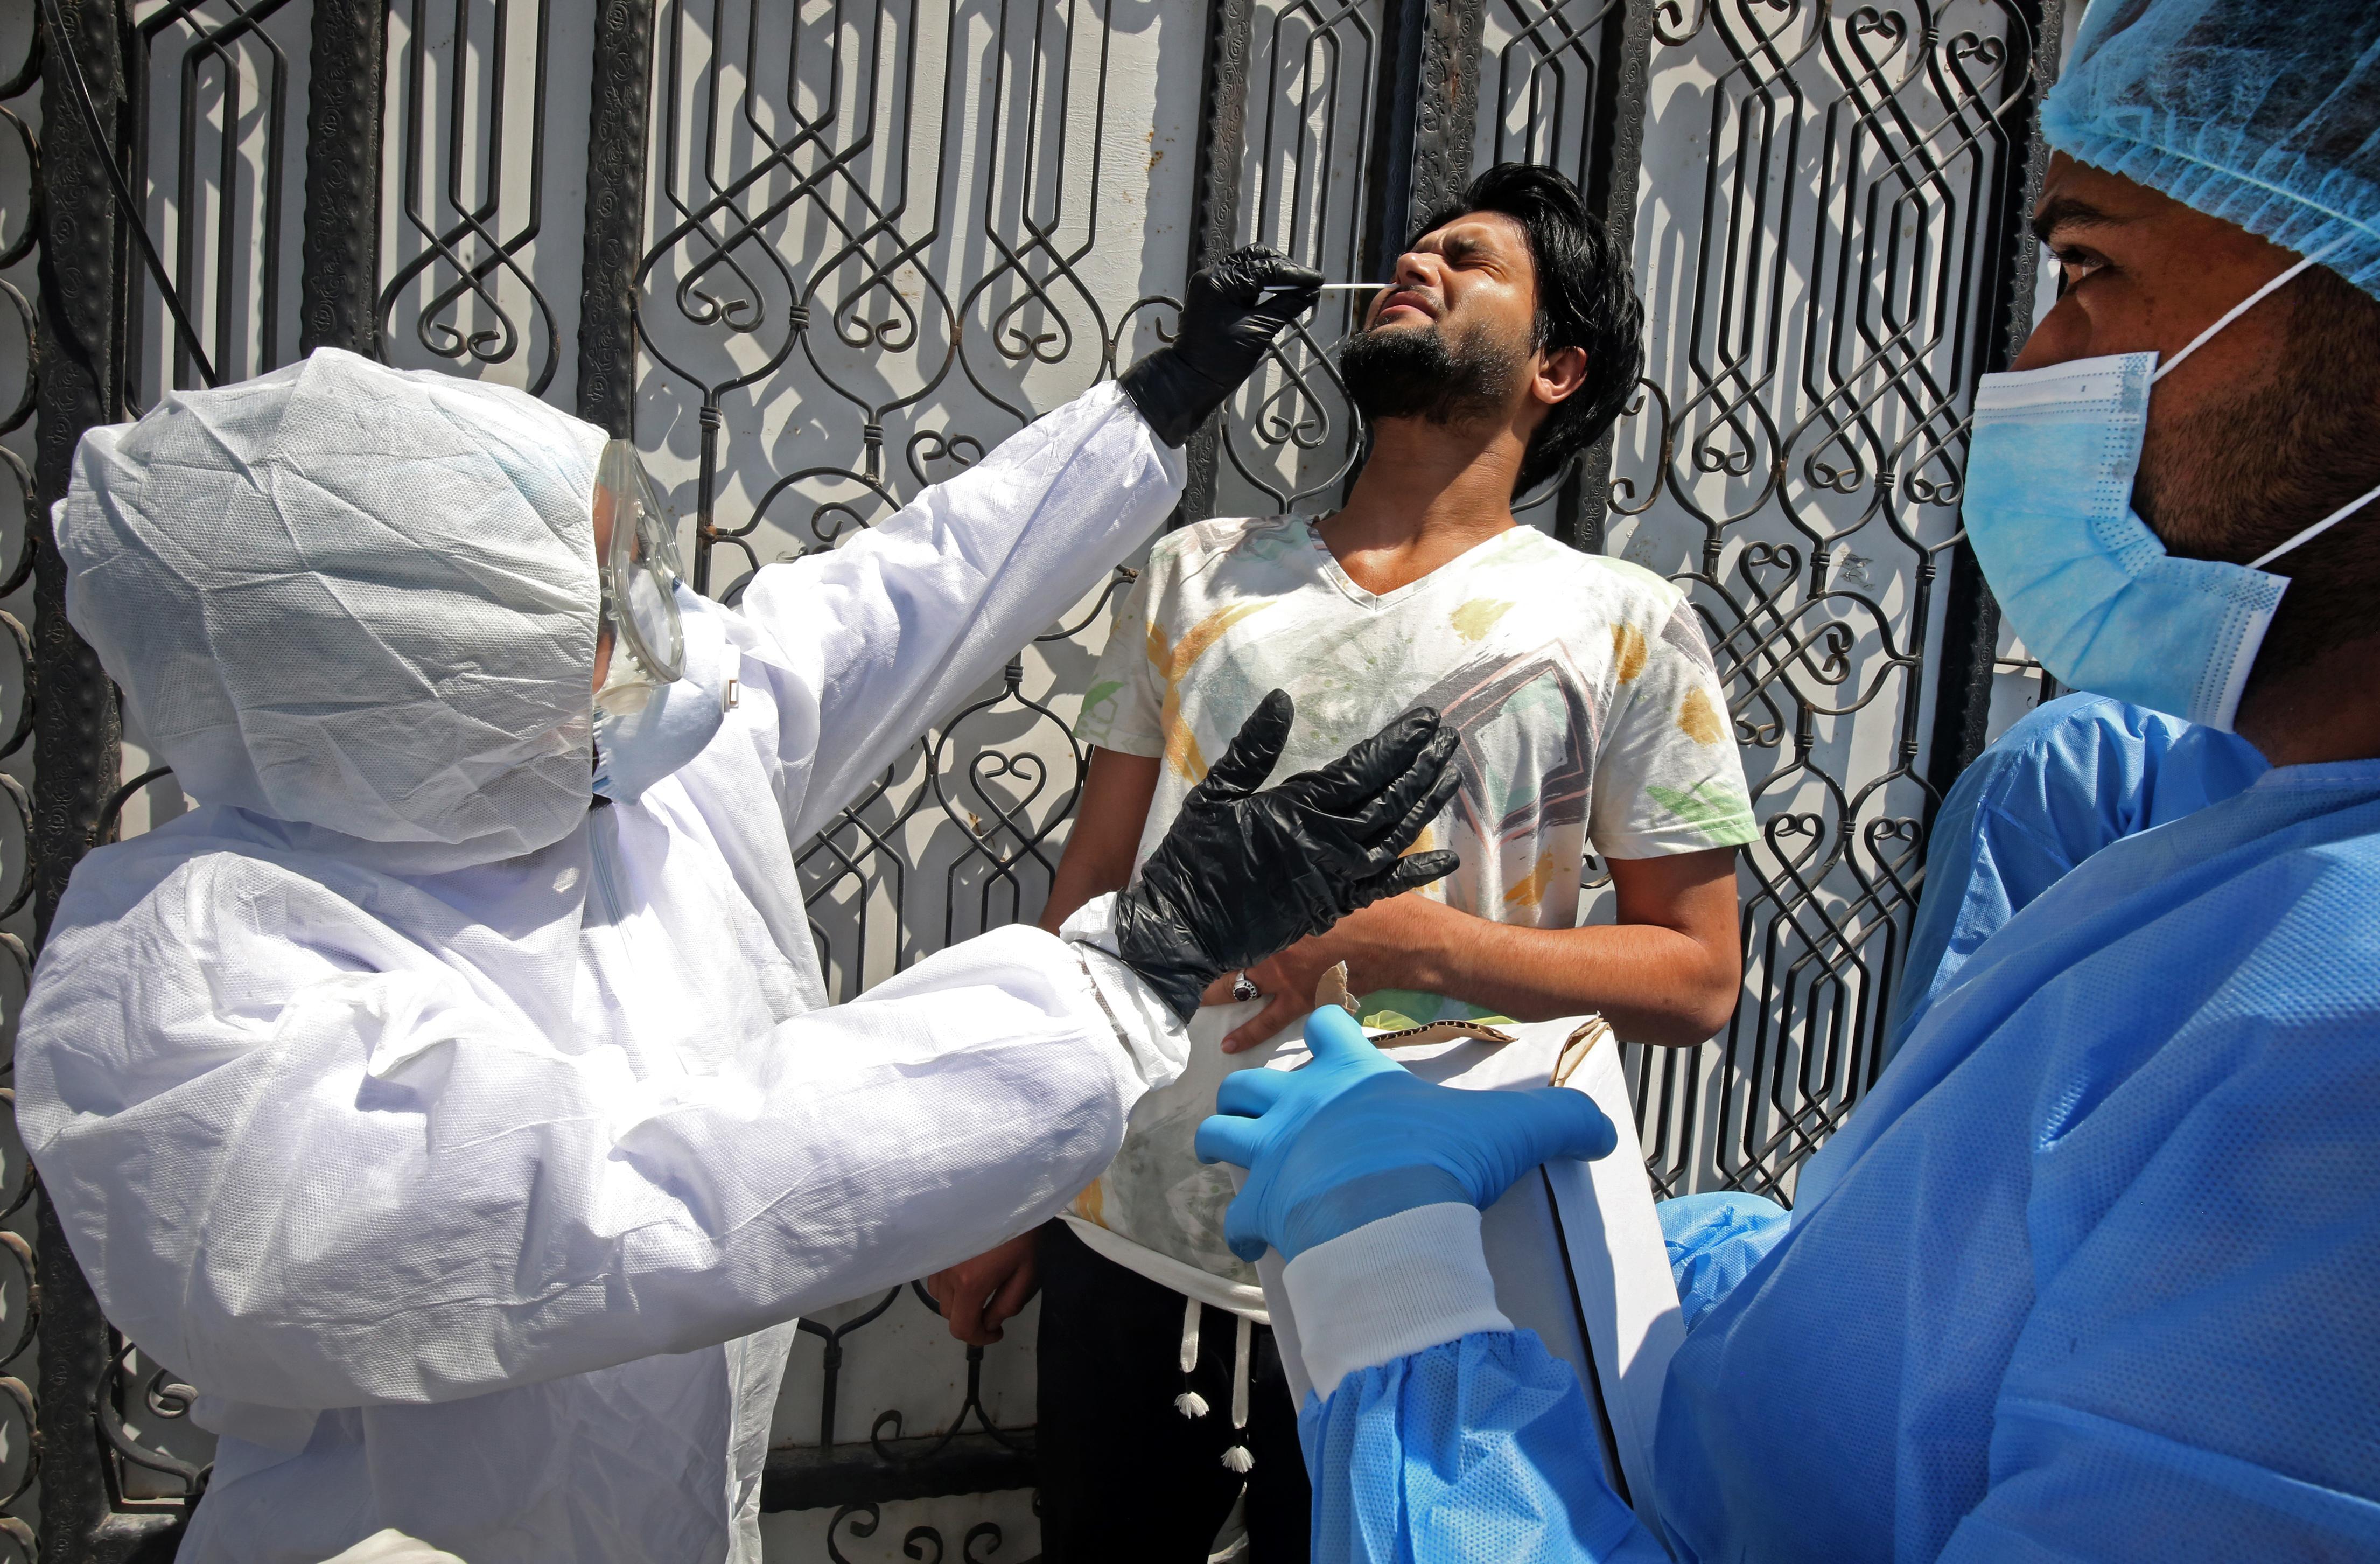 Kitiltották Irakból a Reuterst, mert kétségbe vonta a járványról közölt hivatalos adatokat